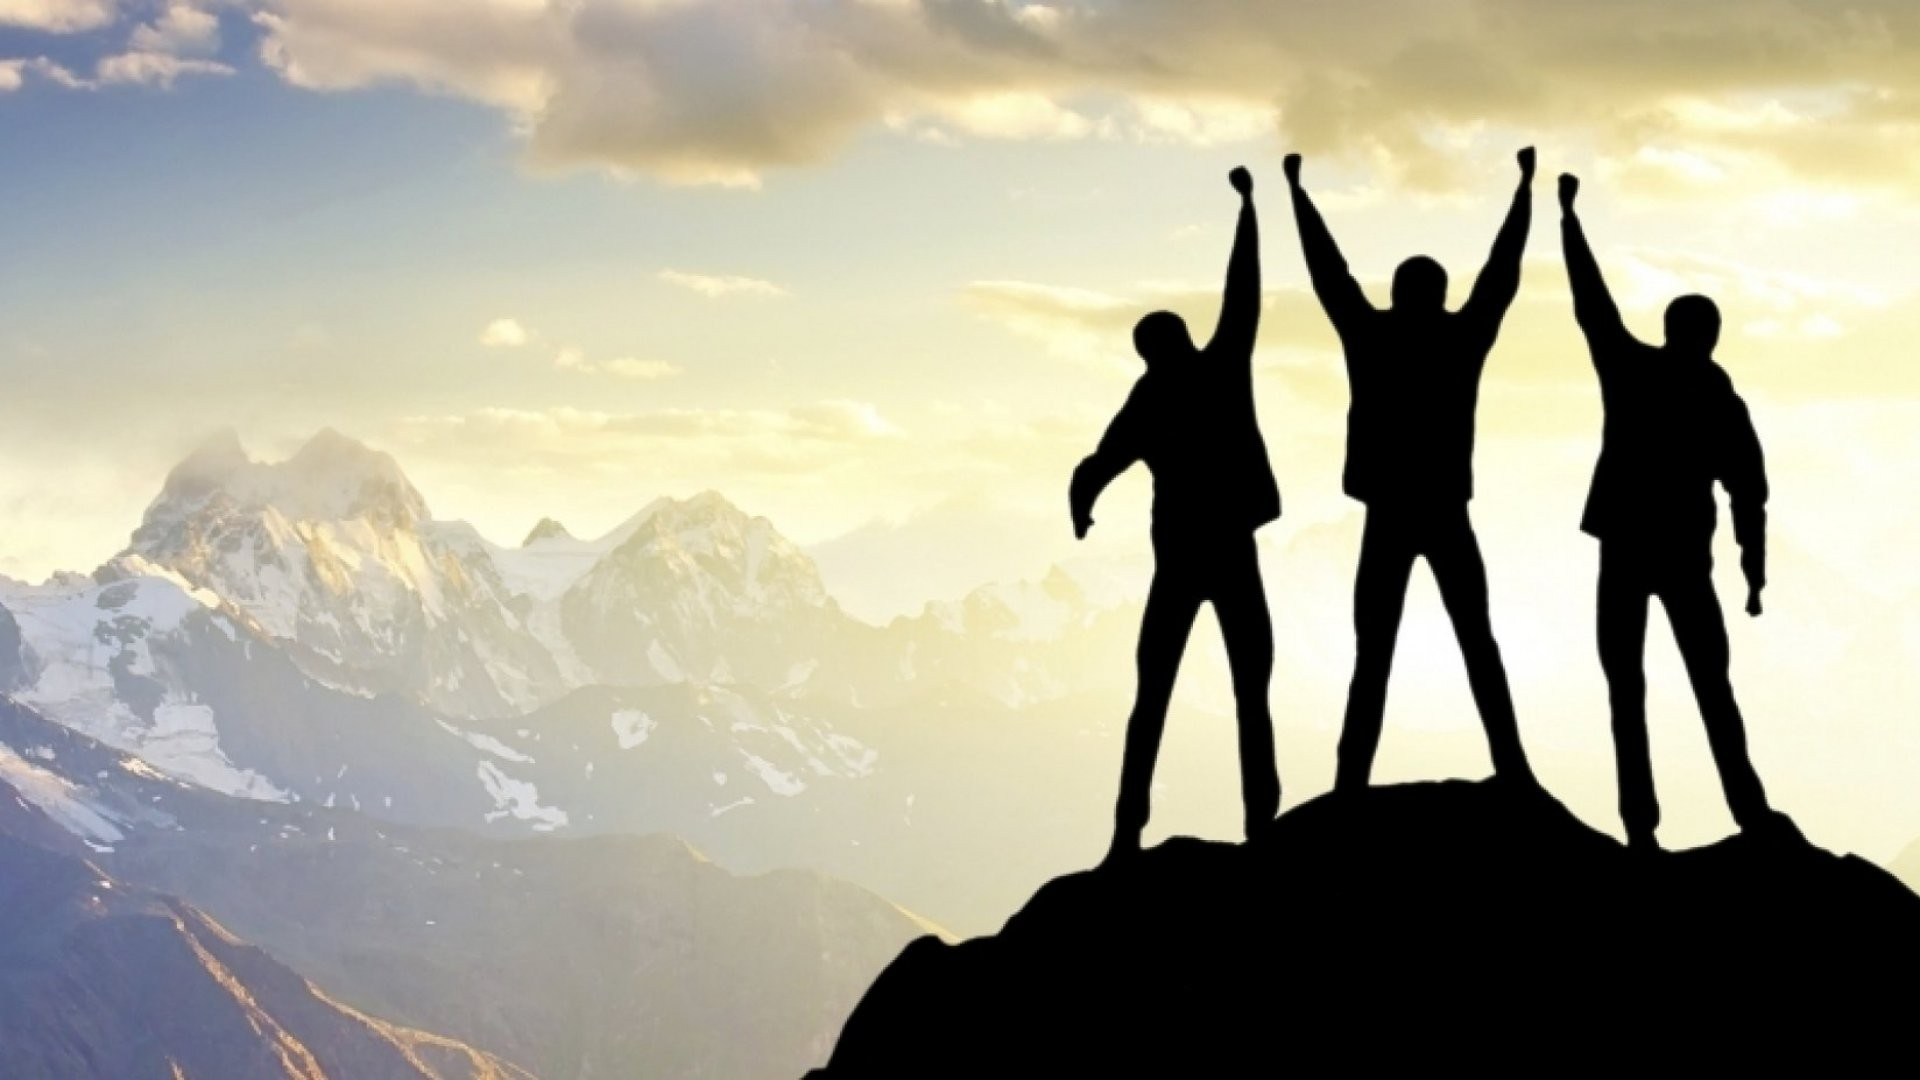 مهمترین استعدادی که یک فرد برای موفقیت در زندگی نیاز دارد چیست؟